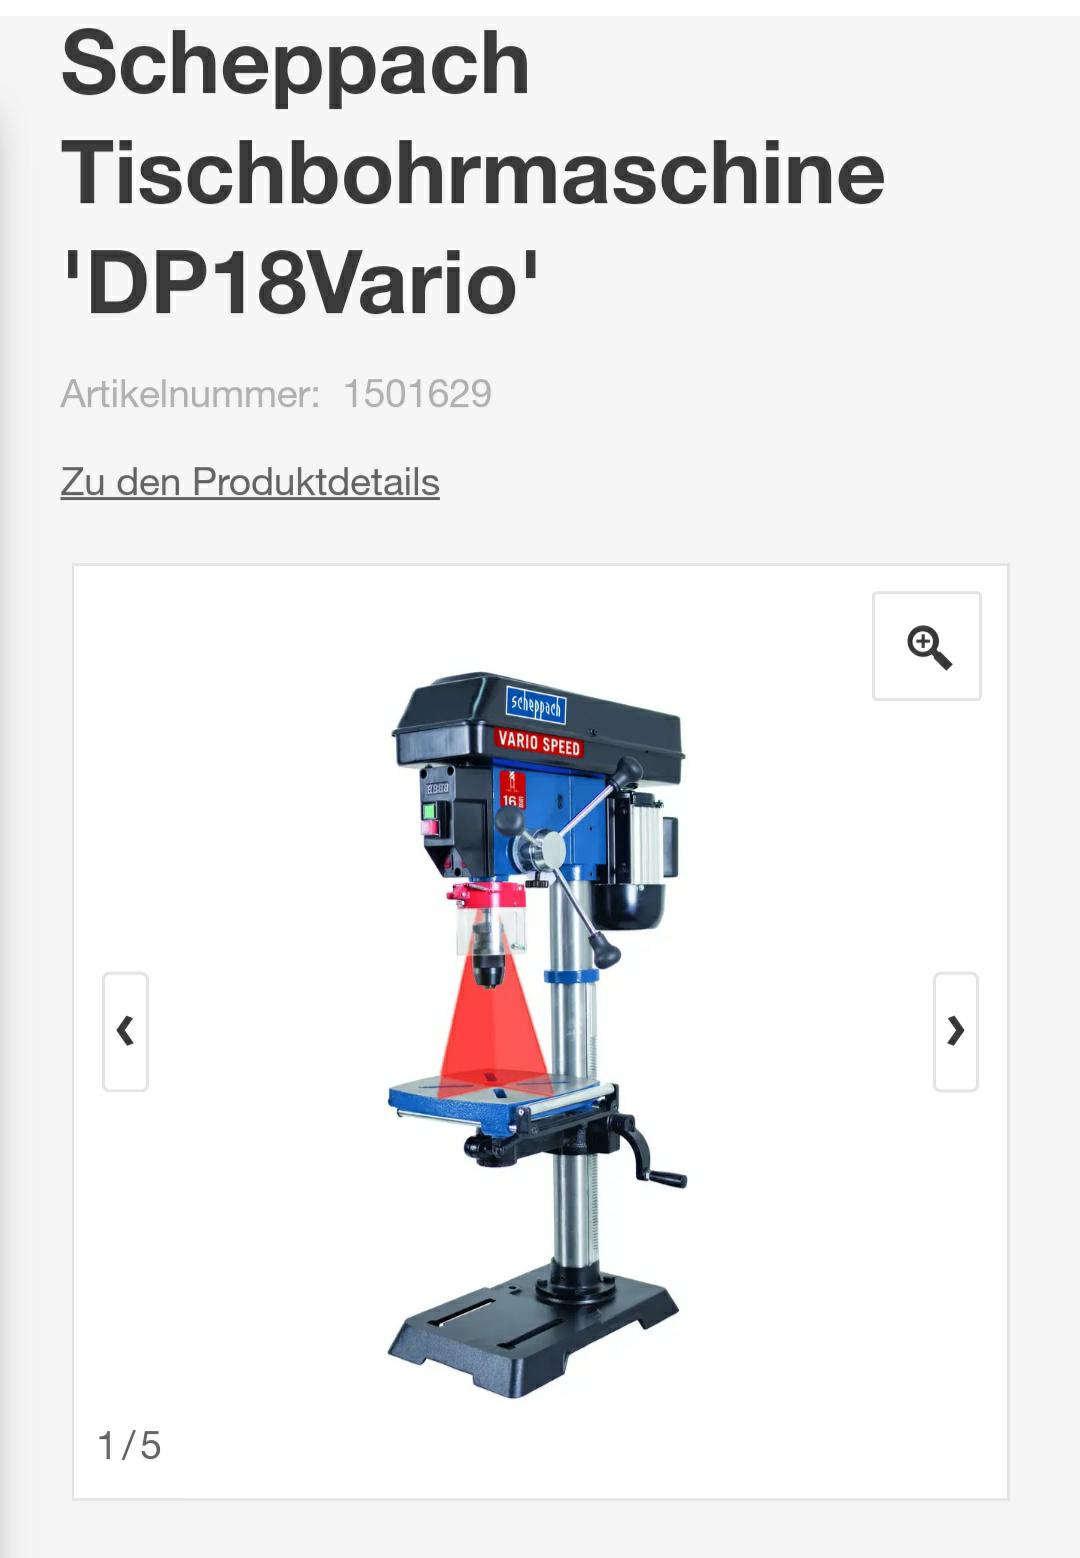 Scheppach Tischbohrmaschine 'DP18Vario'